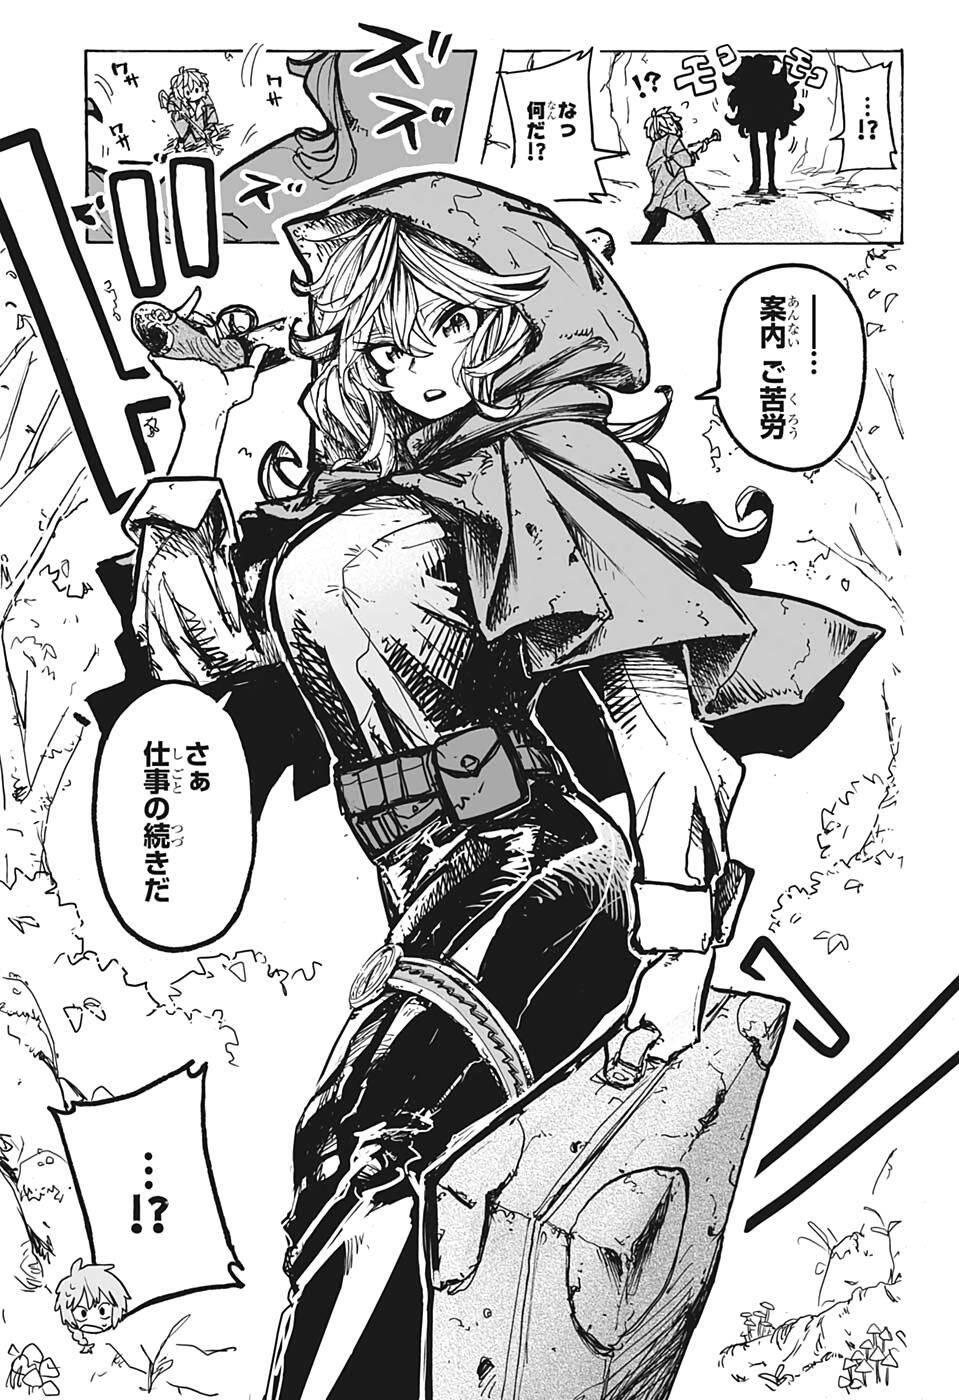 La rivista Shonen Jump